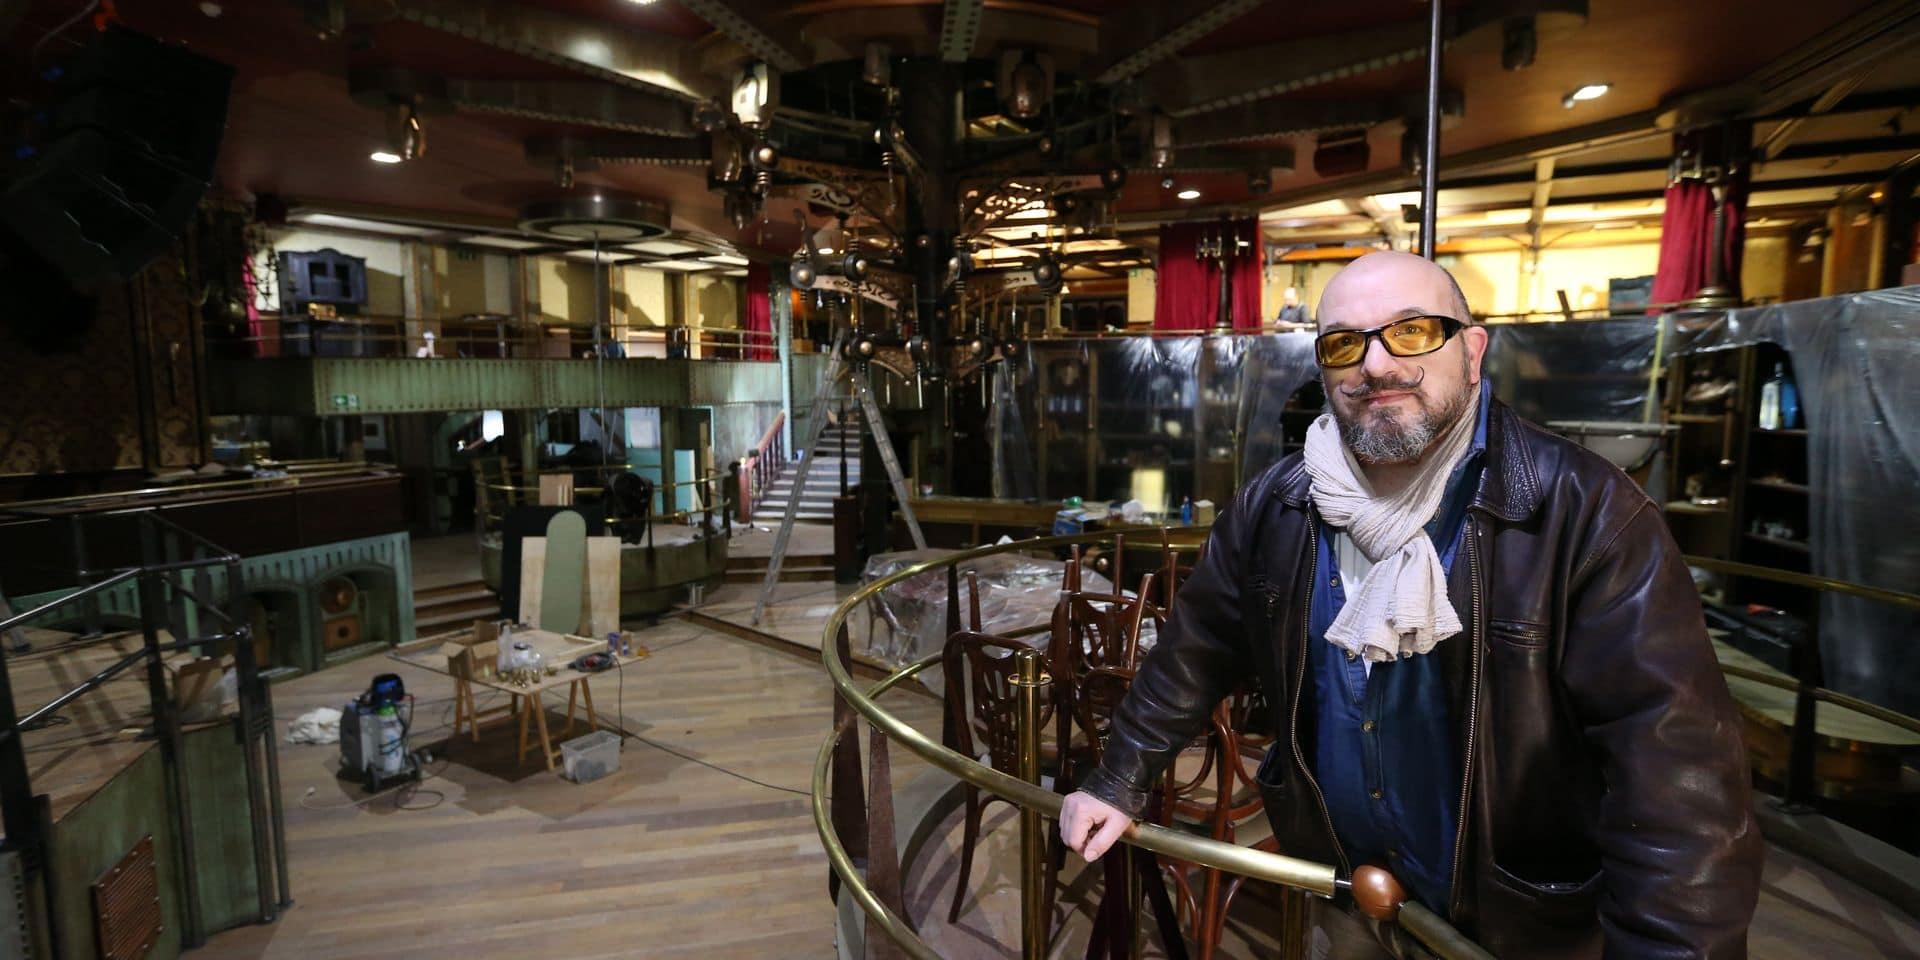 Doktor Jack: 600 000 € pour la rénovation. Le 28 mars, le Doktor Jack naîtra des cendres du b-Club à Braine-l'Alleud. Nouvelle boîte de nuit, nouveau concept. Marc Susini lève un coin du voile…